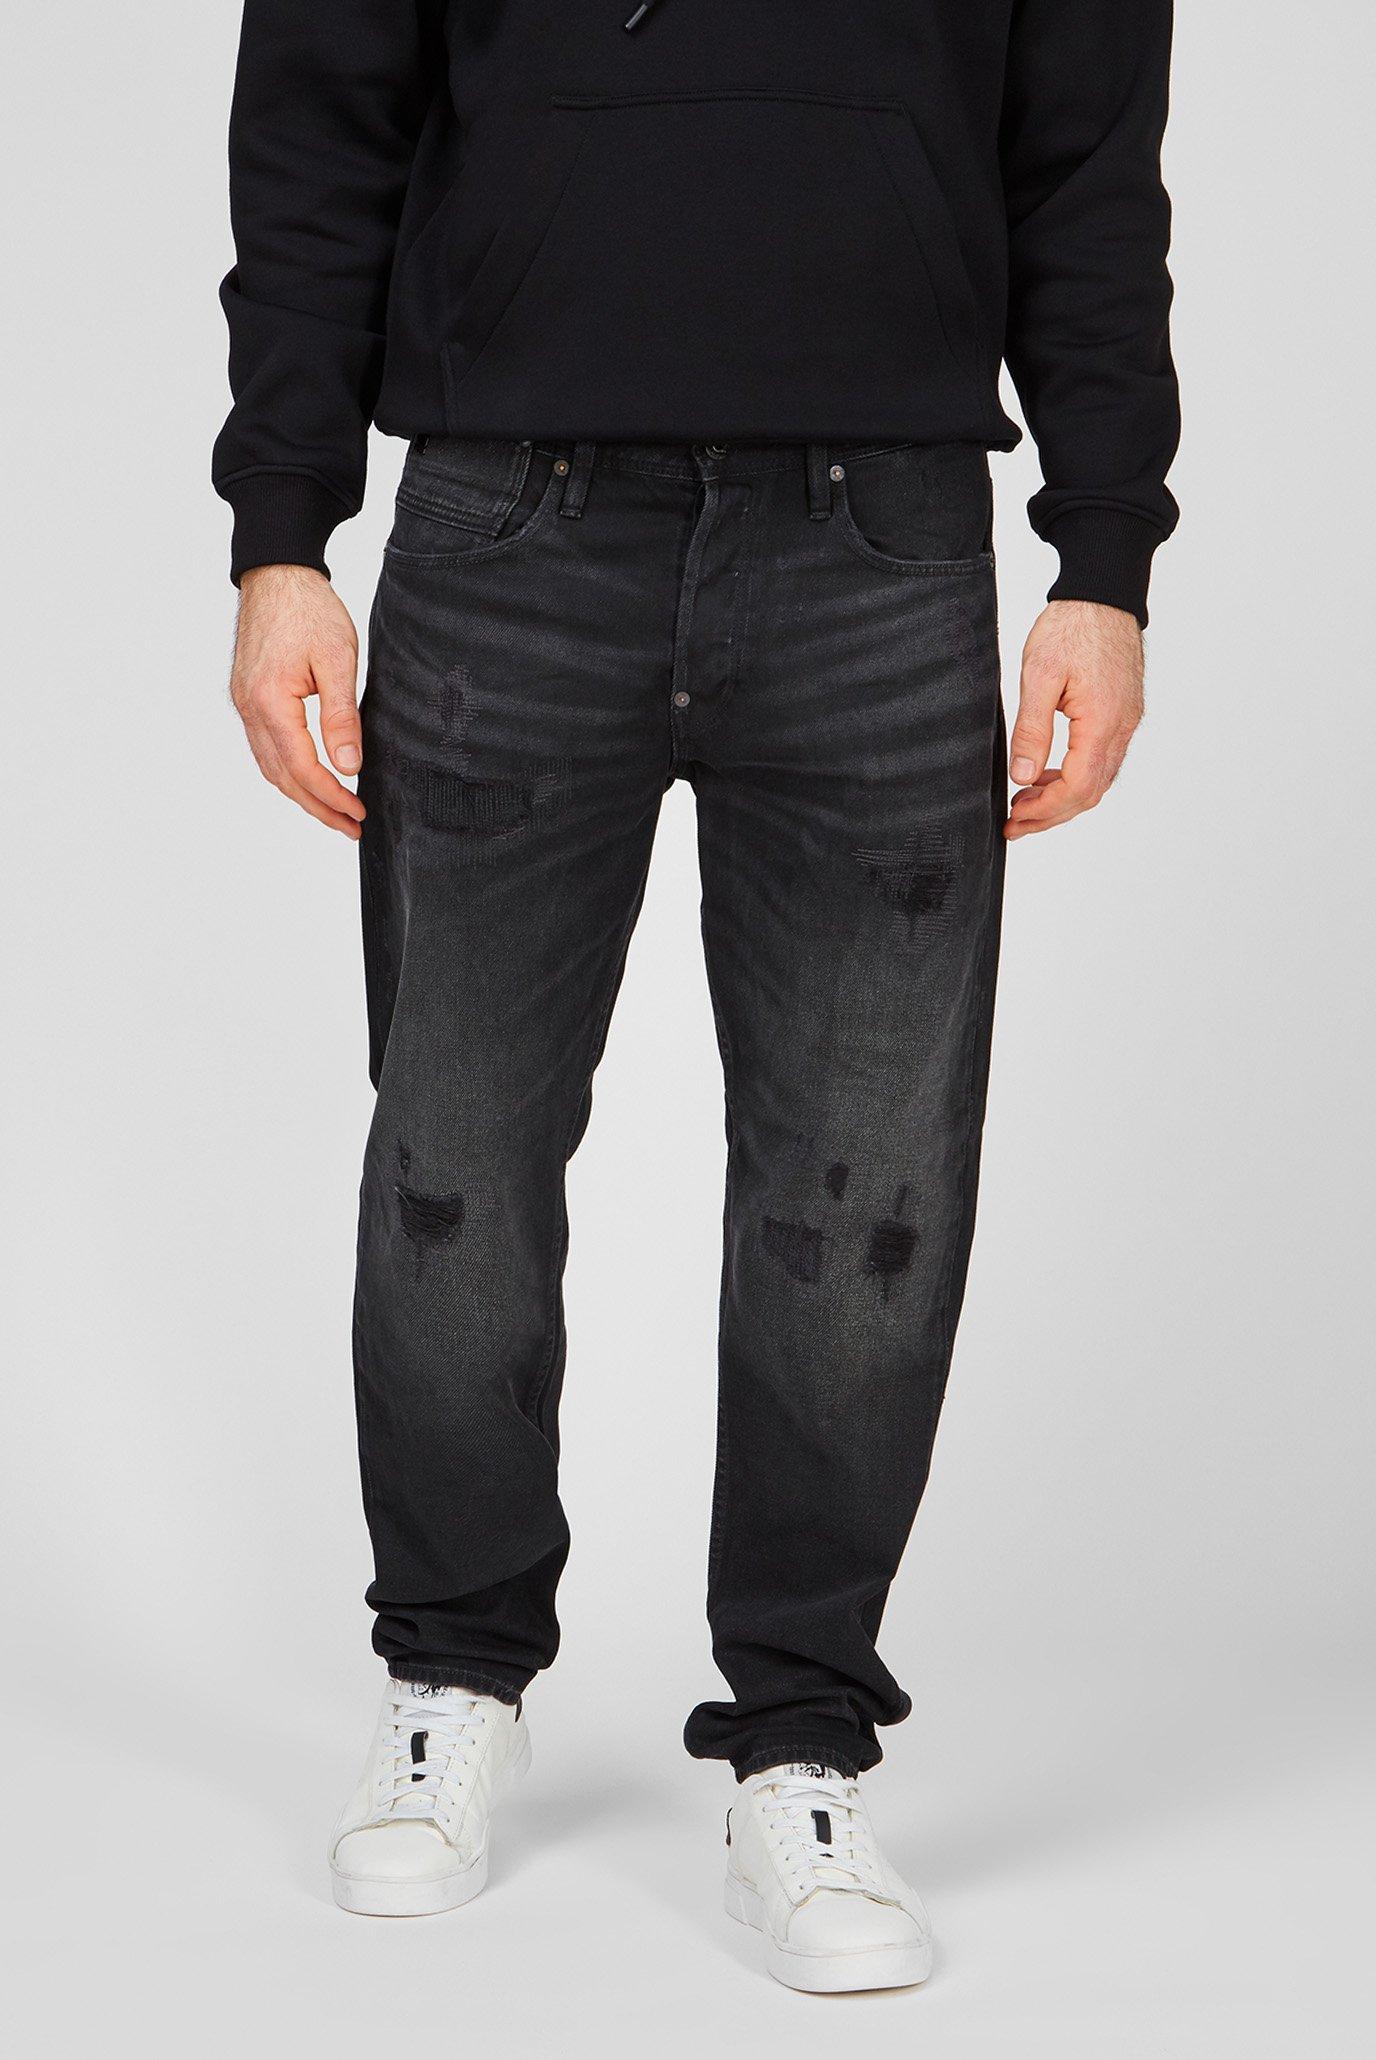 Чоловічі чорні джинси Alum Relaxed Tapered 1